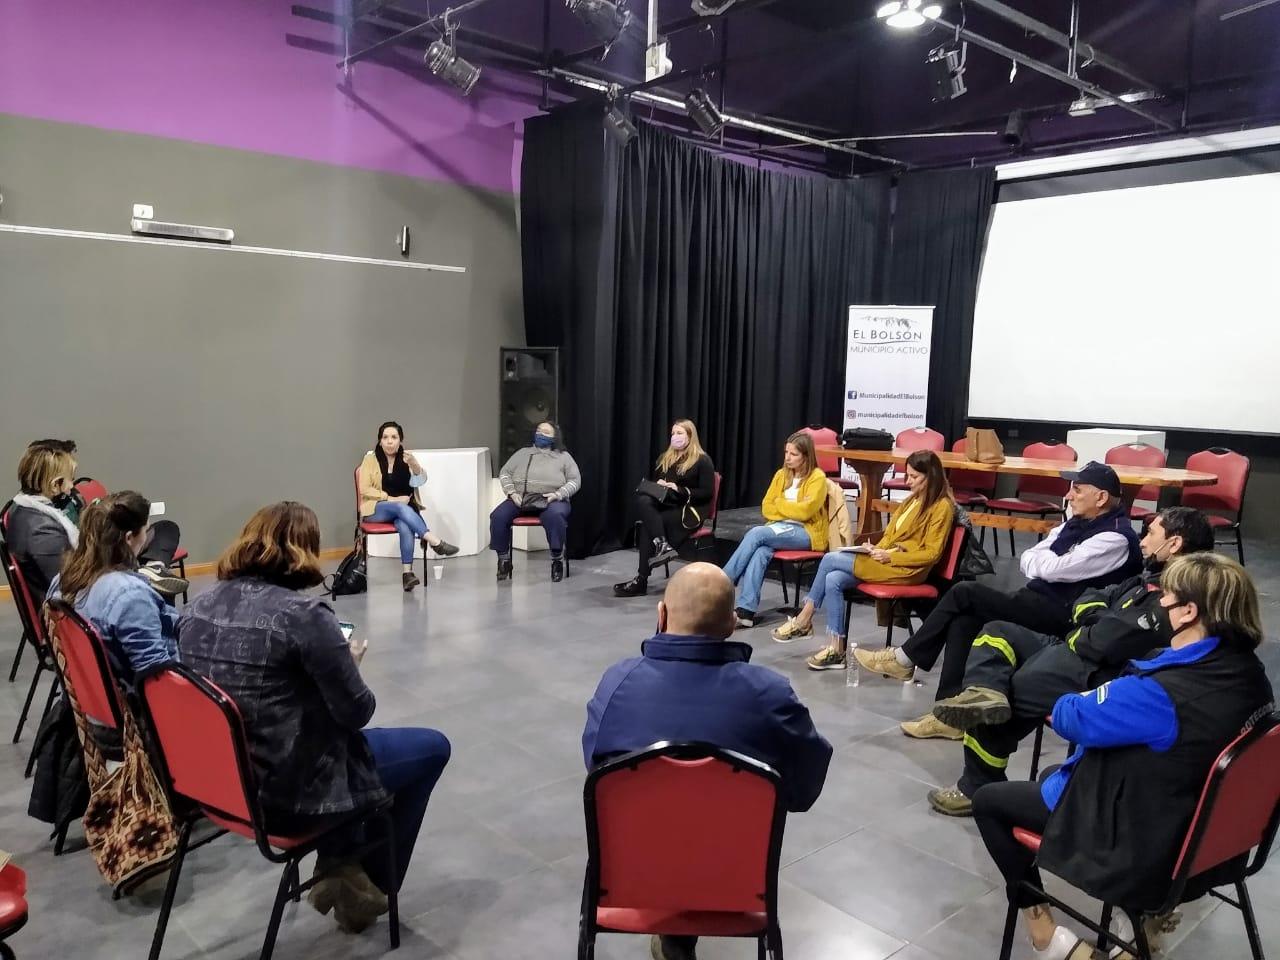 SPLIF: Inspecciones de rutina y encuentros sociales como forma de prevención